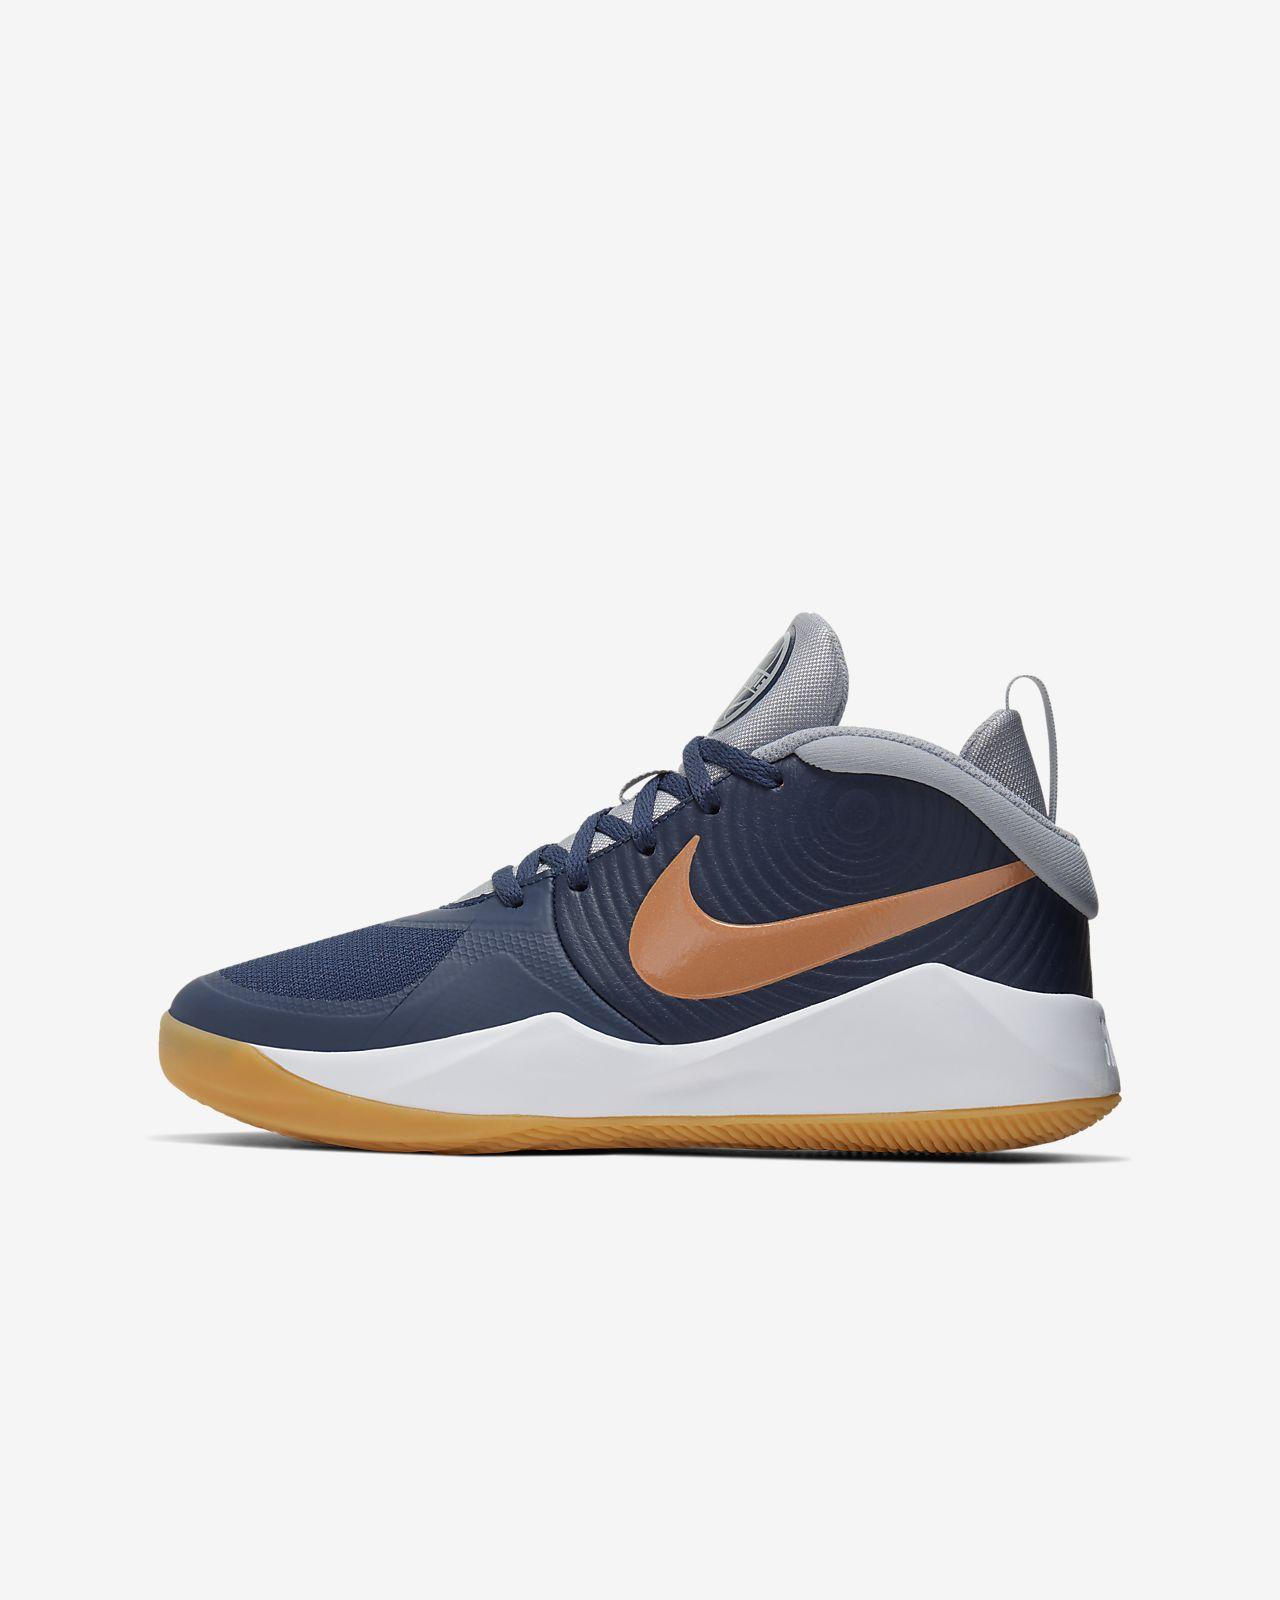 Nike Team Hustle D 9 Genç Çocuk Basketbol Ayakkabısı